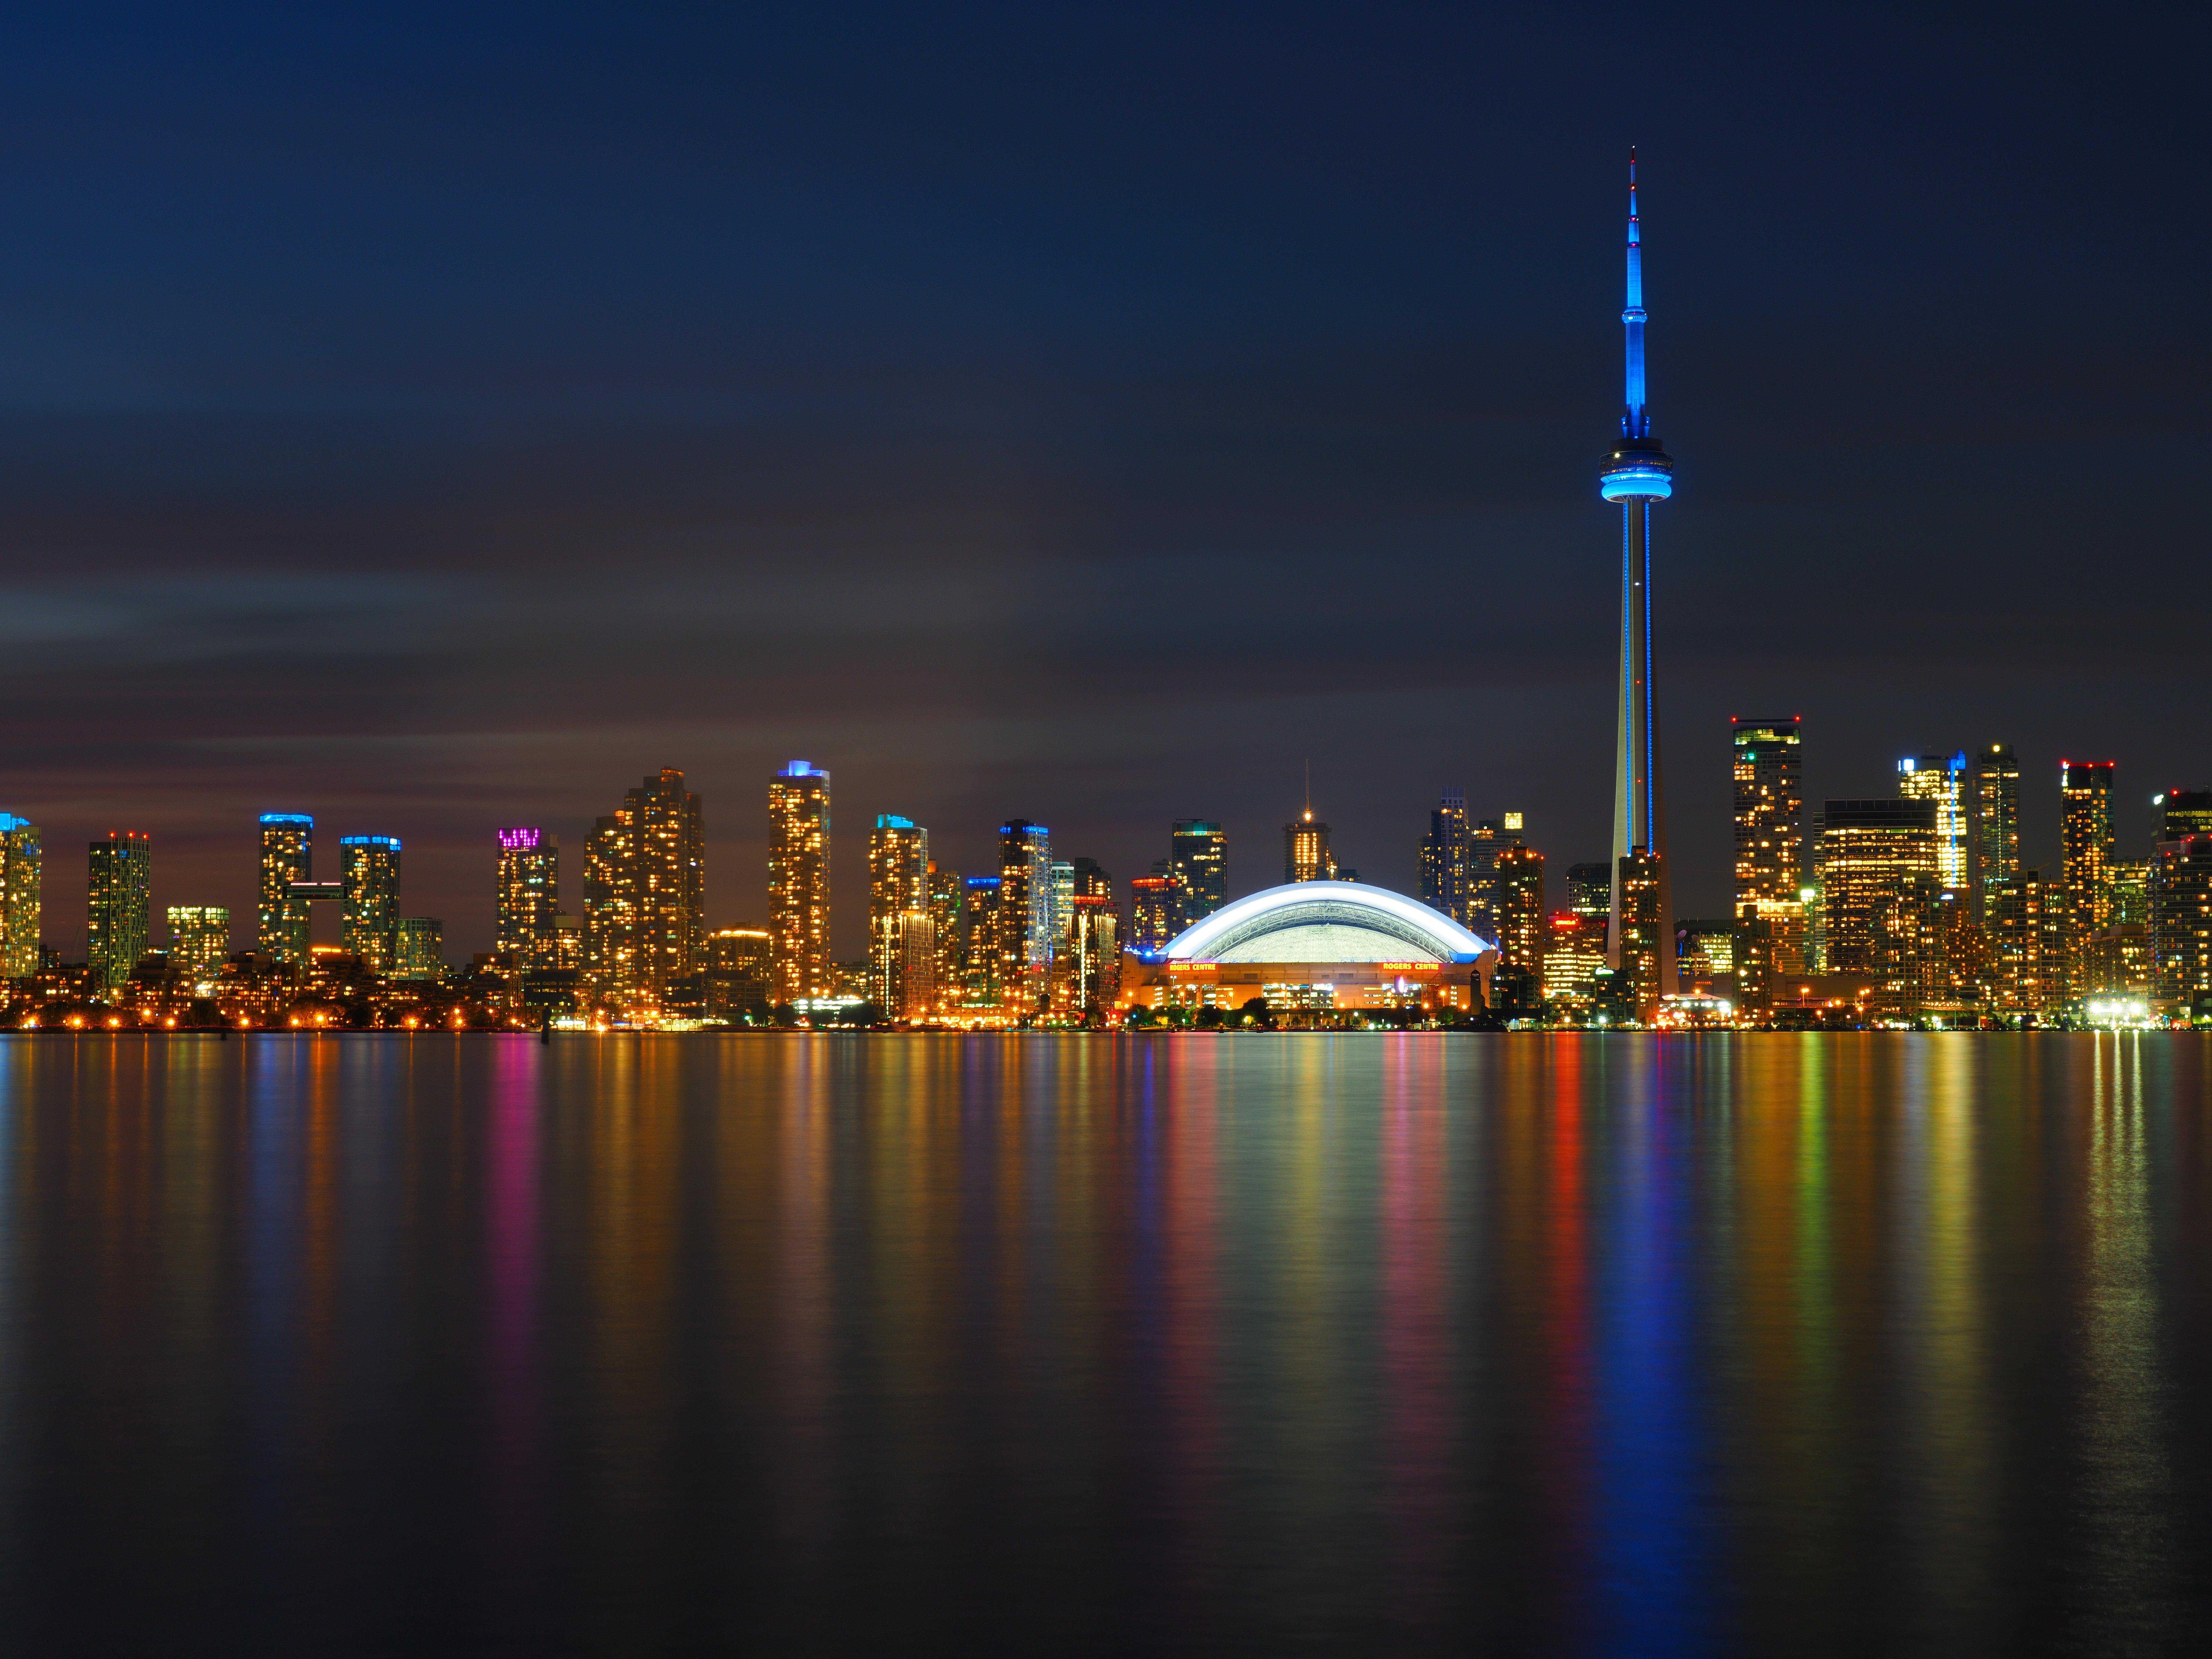 80409 обои 720x1280 на телефон бесплатно, скачать картинки Города, Небоскребы, Ночь, Панорама, Торонто 720x1280 на мобильный